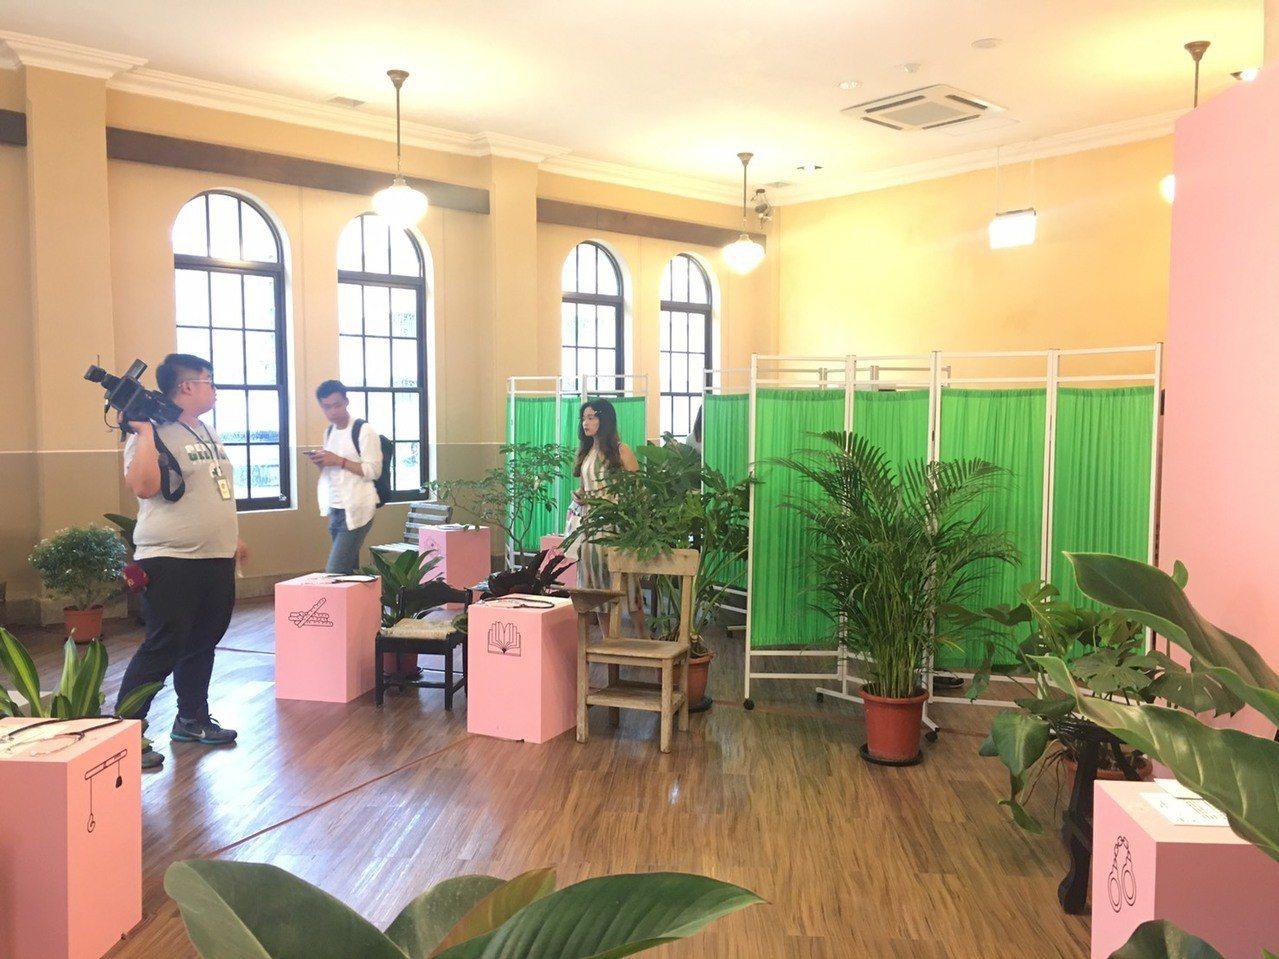 「懶雲診療室」特展,展間以診療室樣貌呈現。記者魏莨伊/攝影